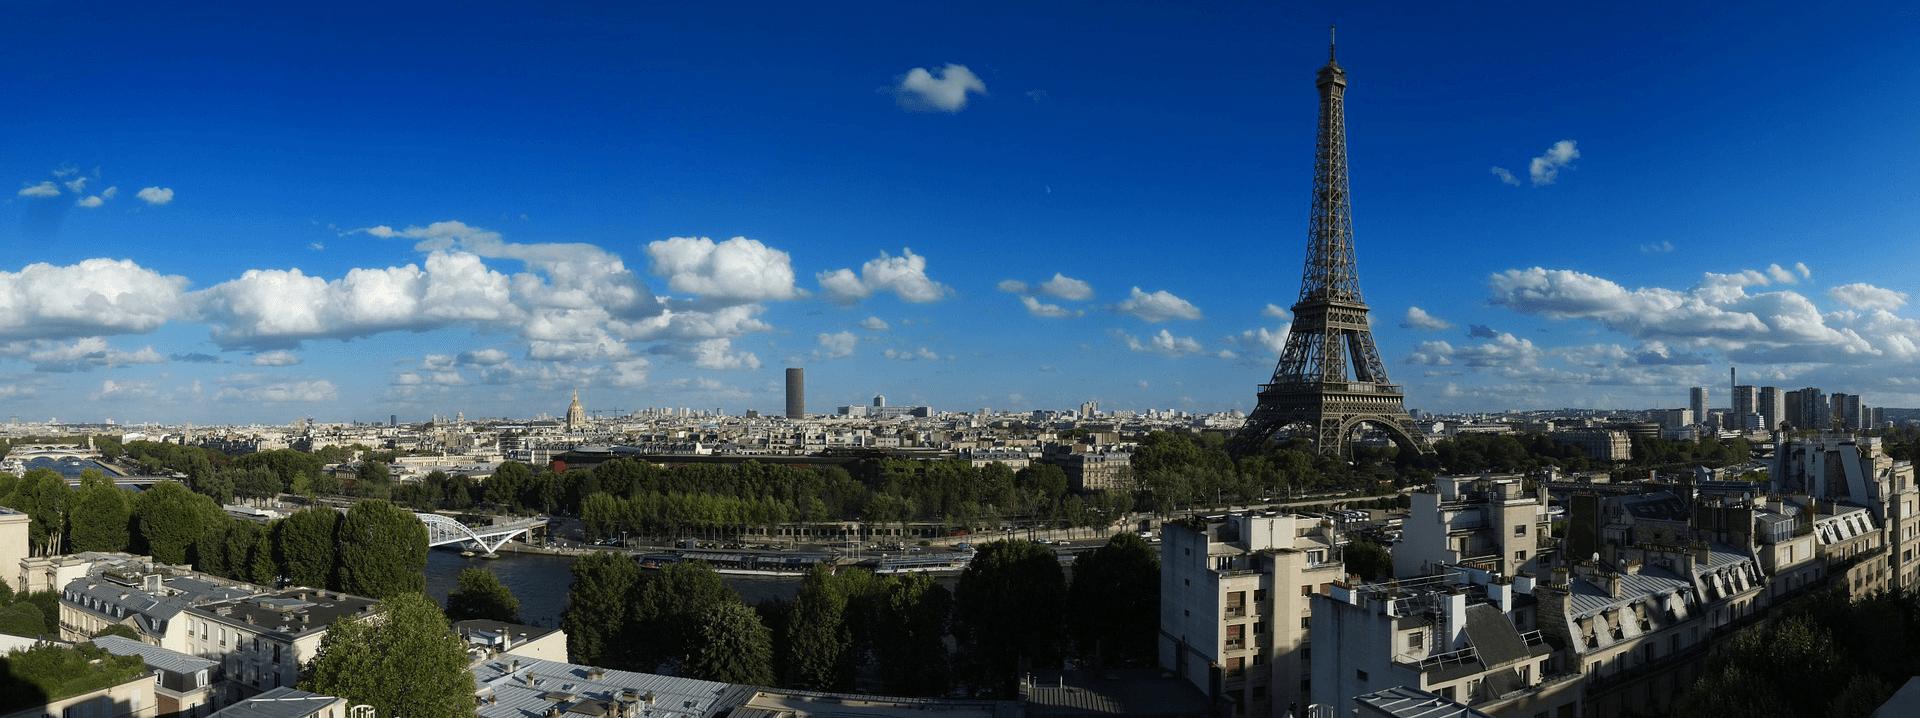 Nach dem Abitur ins Ausland: Die Architektur, der Wein, das Essen, die Musik, die Geschichte: Paris ist eine wundervolle Stadt, aber nicht für Studenten, die finanziell unabhängig von ihren Eltern leben möchten.